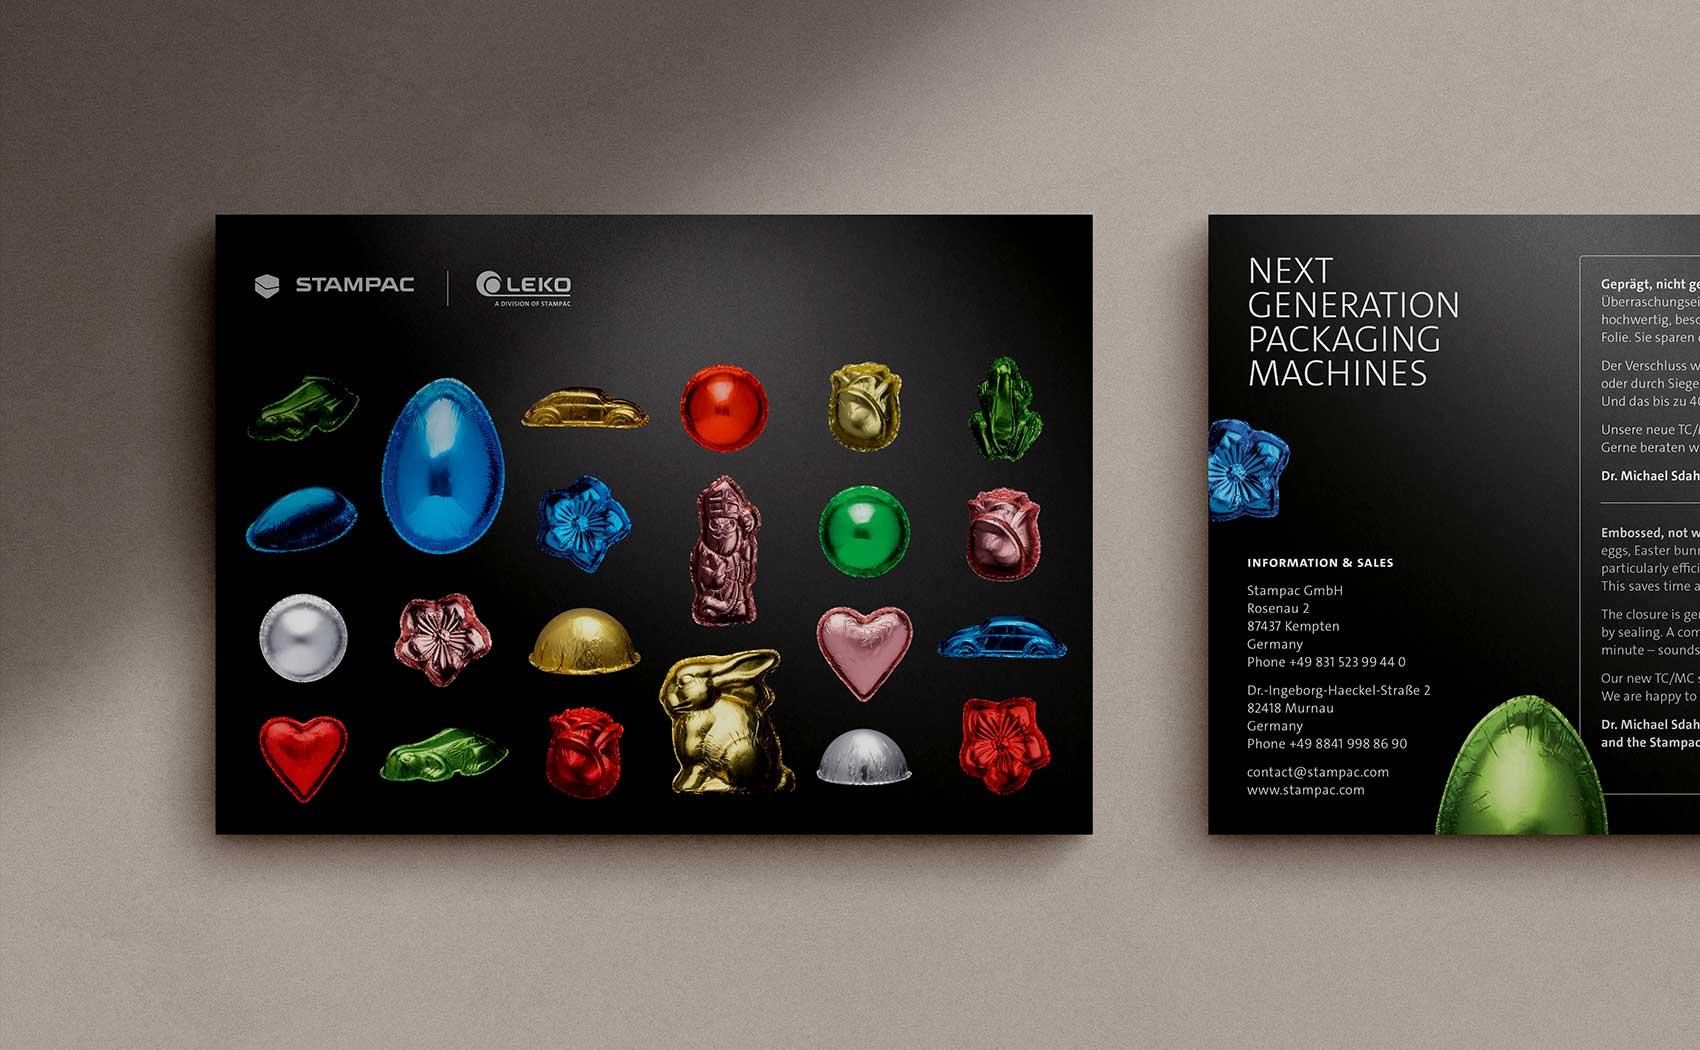 Mailing zur Produktvorstellung für den Verpackungsmaschinenhersteller Stampac GmbH aus Kempten